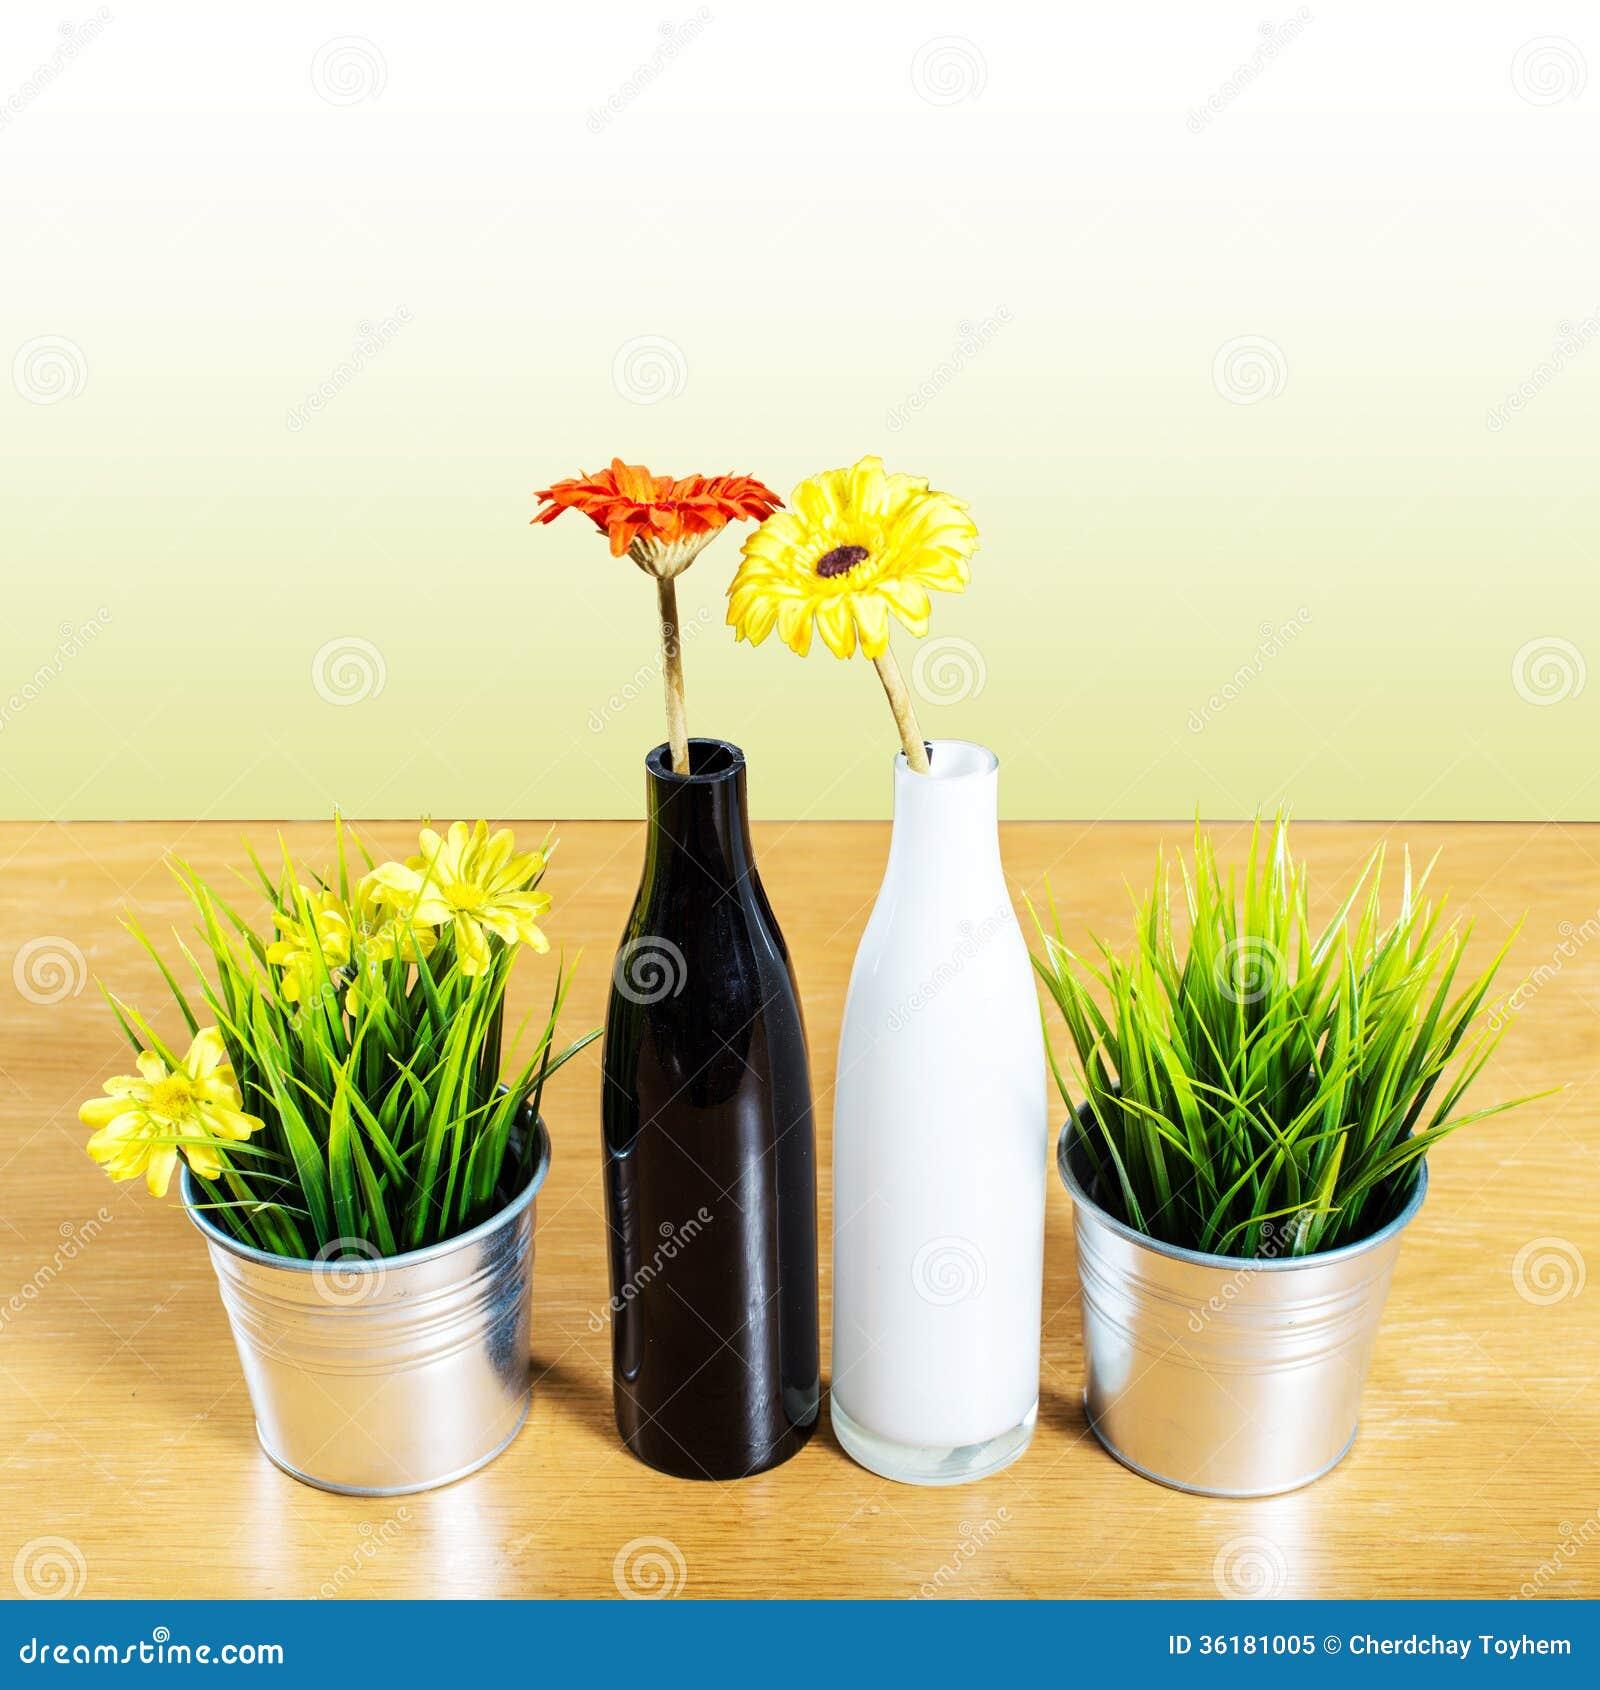 Decorative vase on the table stock image image 36181005 - Decorative flower vase ...